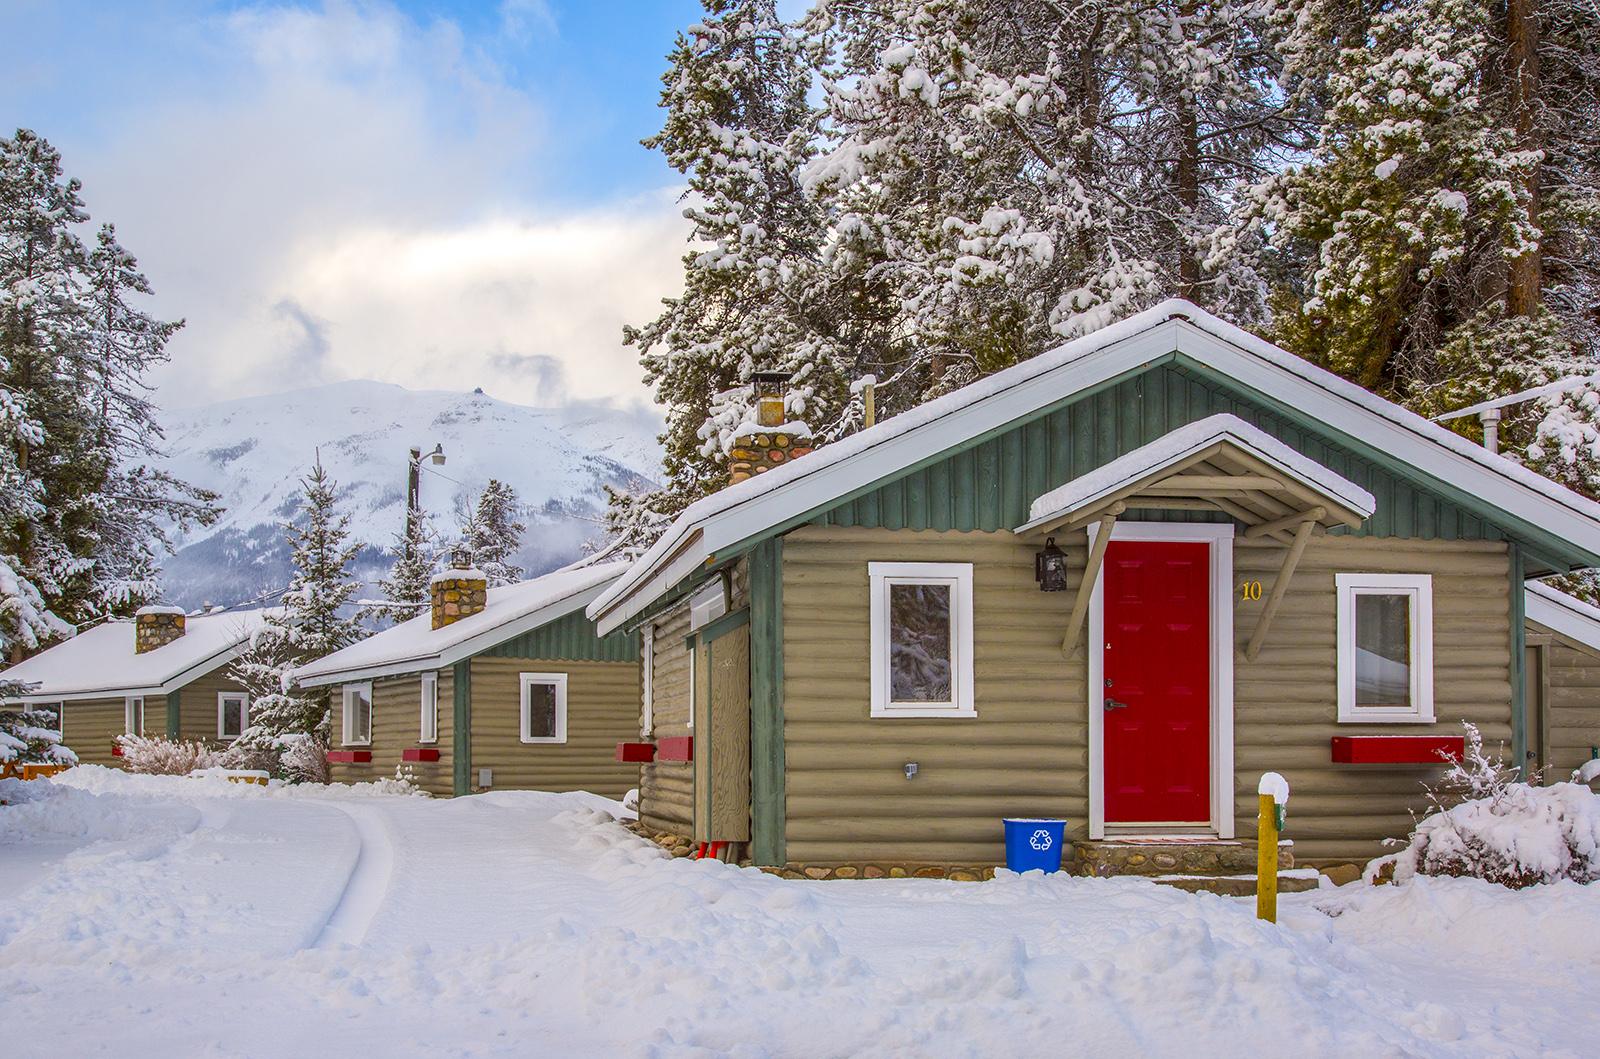 Cabin 10.jpg